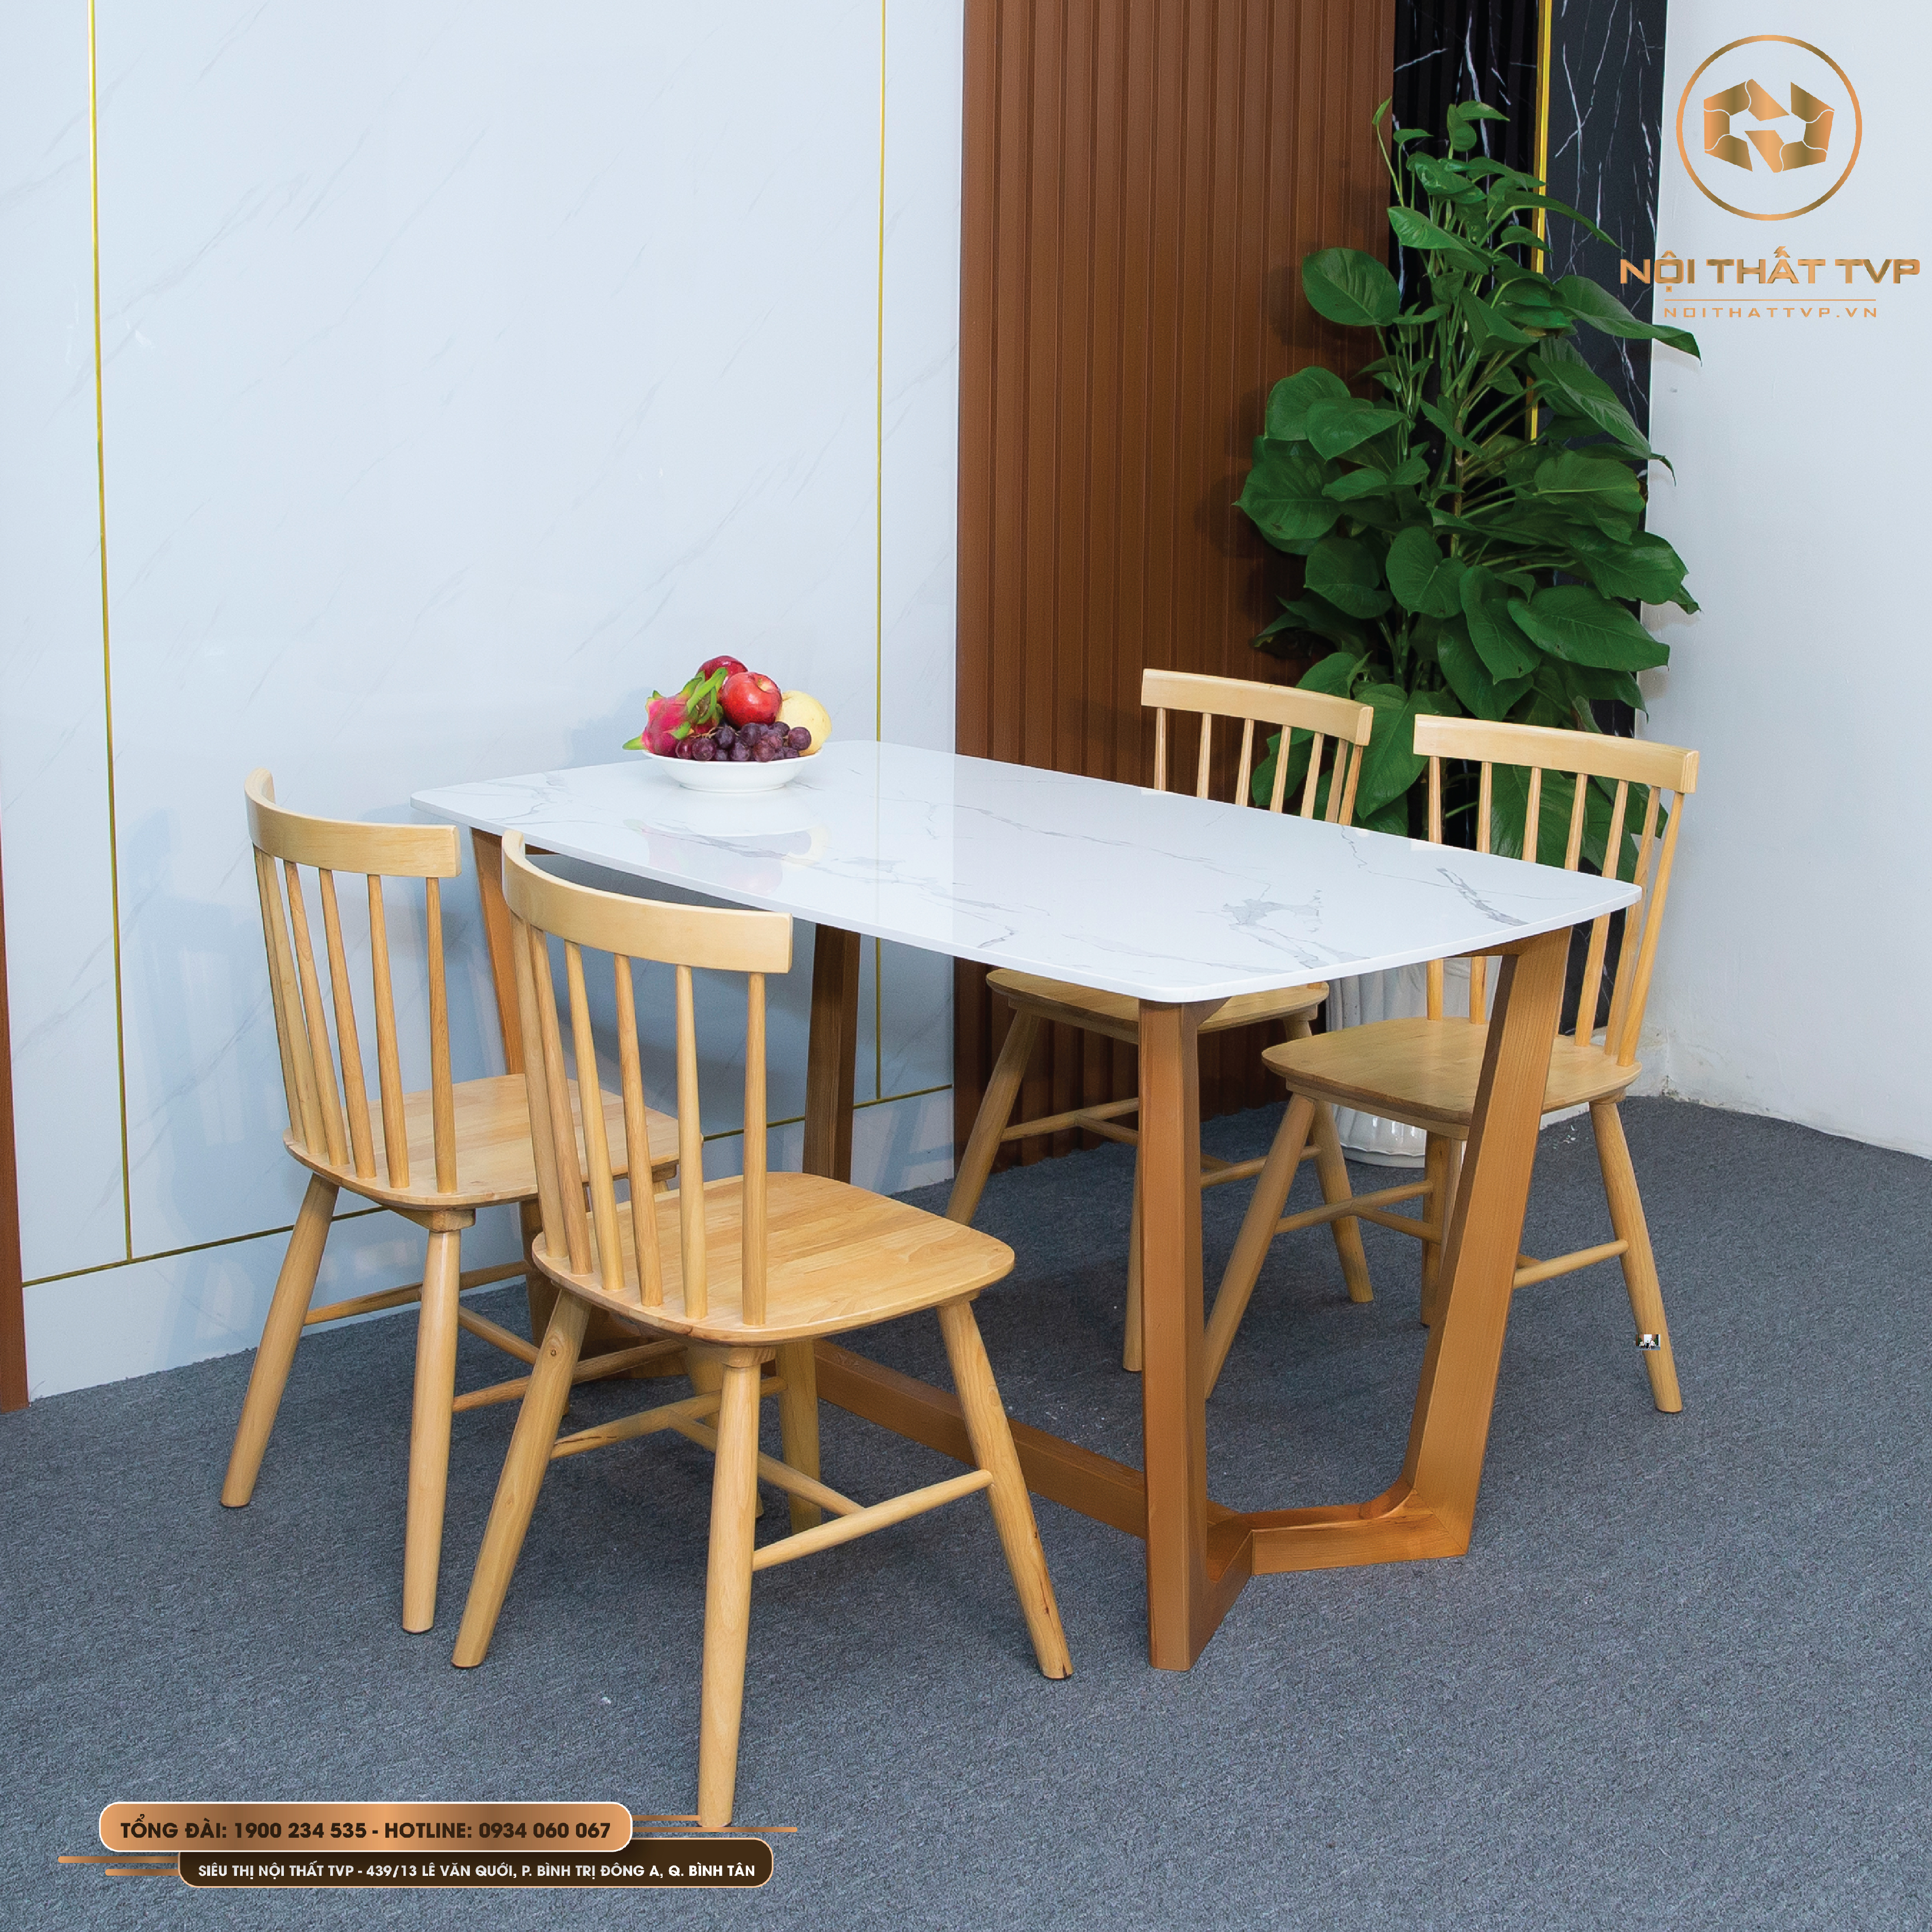 Thiết kế đon giản phù hợp không gian hạn chế